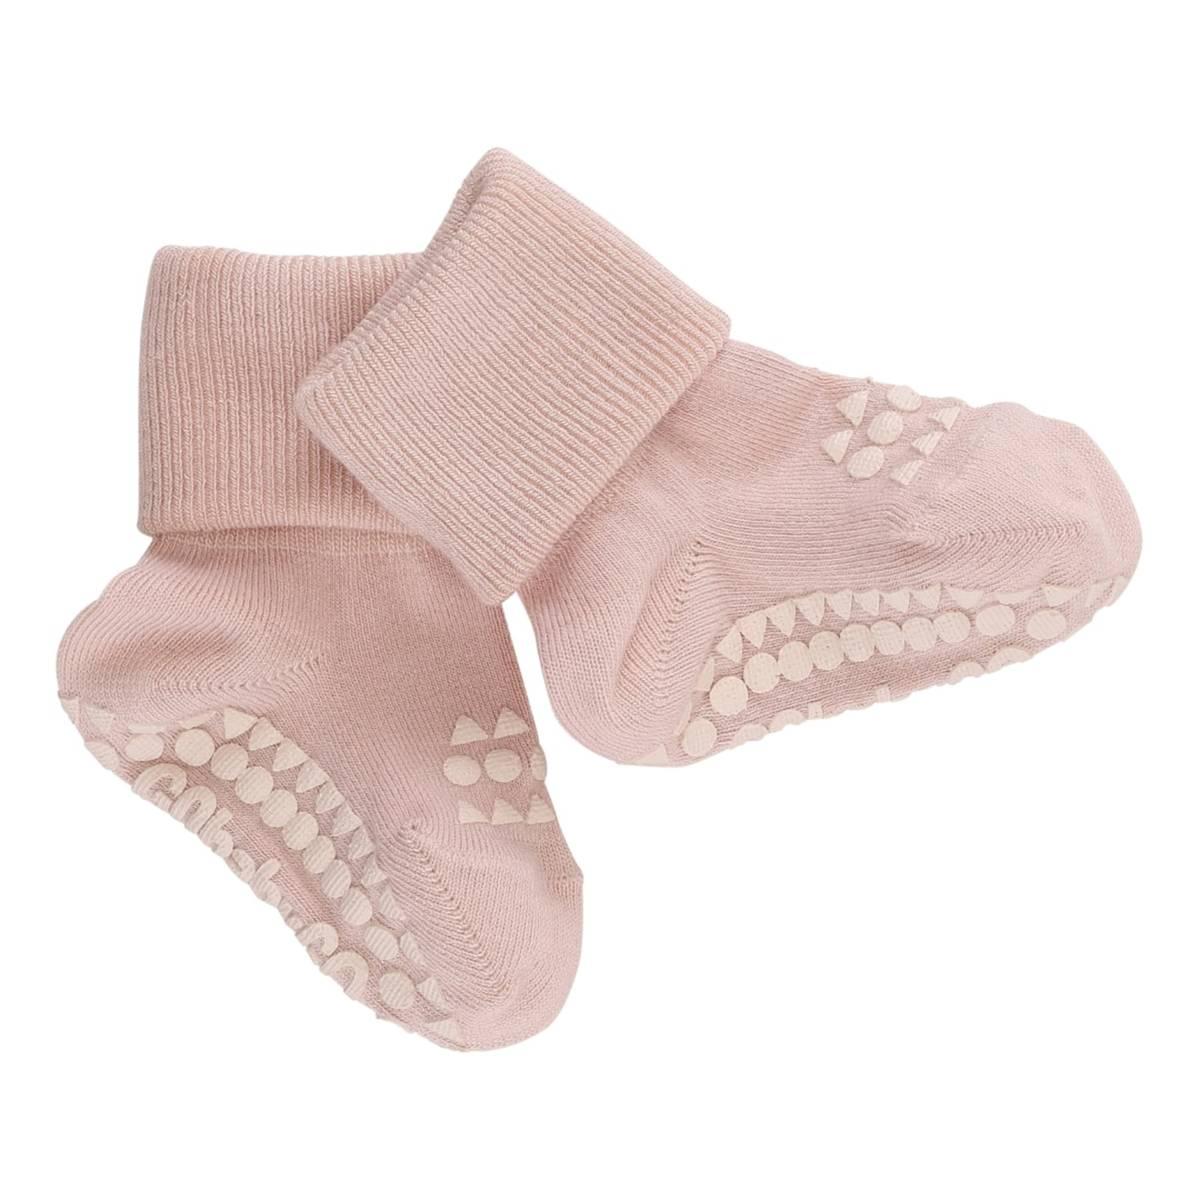 GoBabyGo antiskli sokker bambus - lys rosa